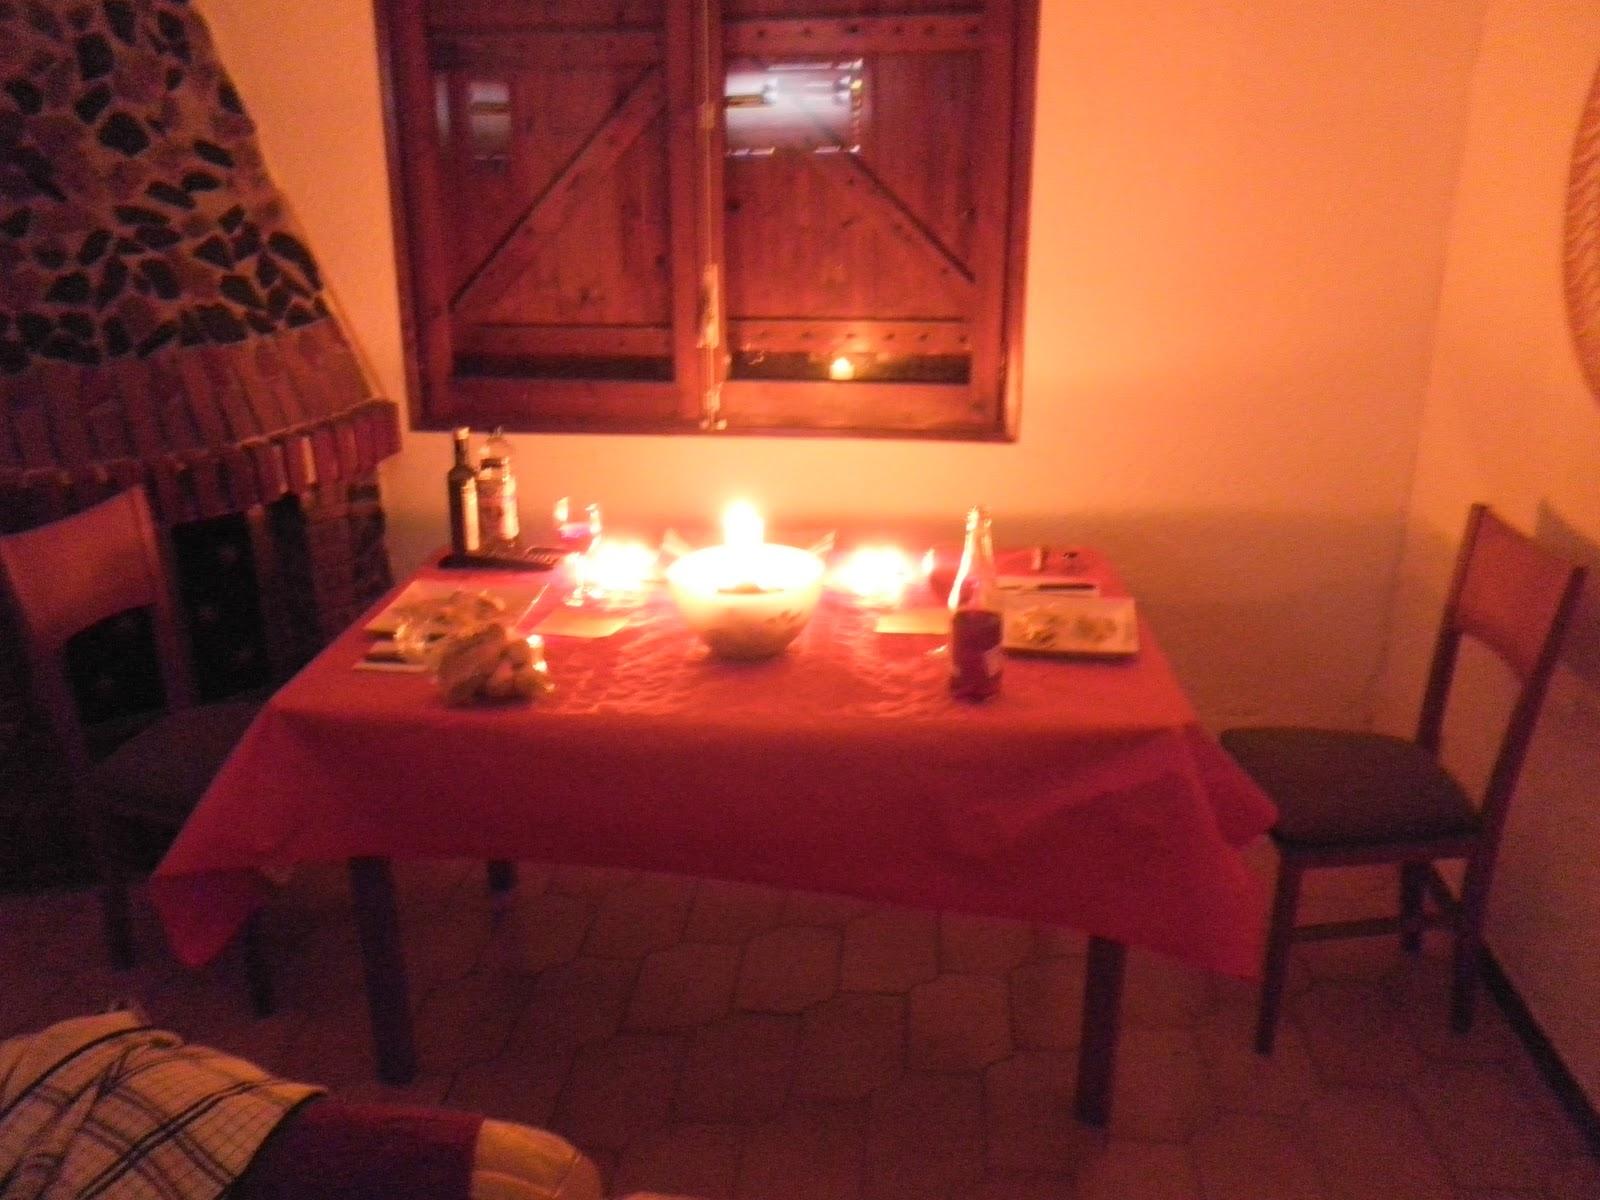 Como preparar cena romantica en casa amazing perfecto para una cena romntica with como preparar - Cena romantica con velas ...